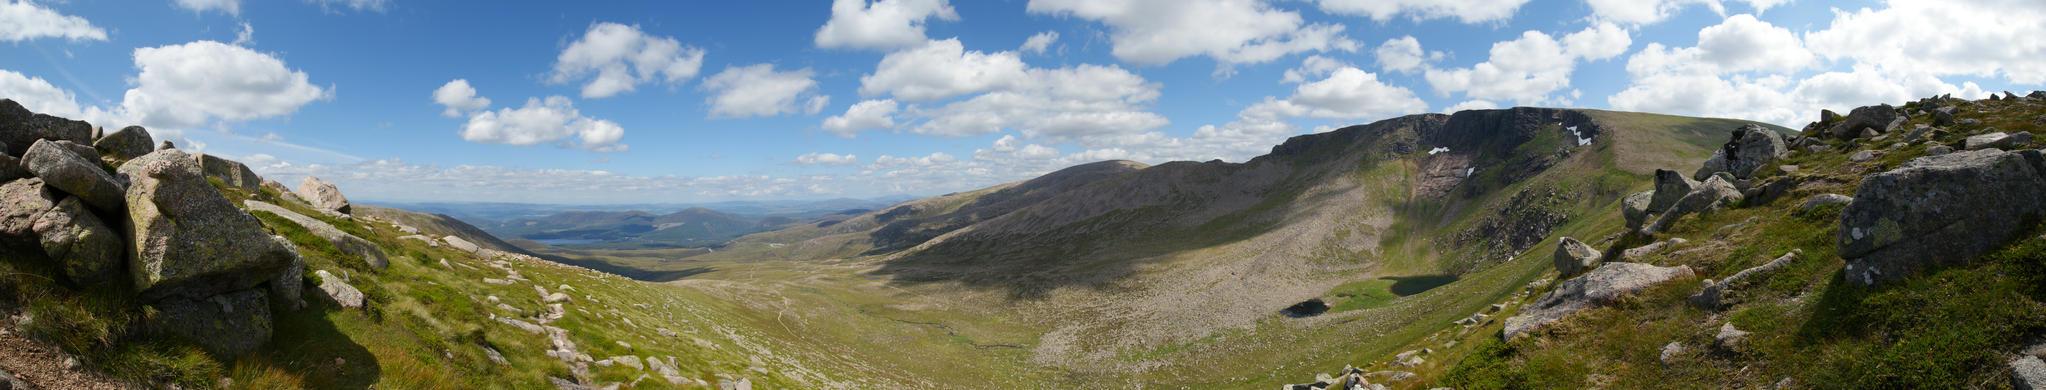 Scotland panorama by RickJuffermans87